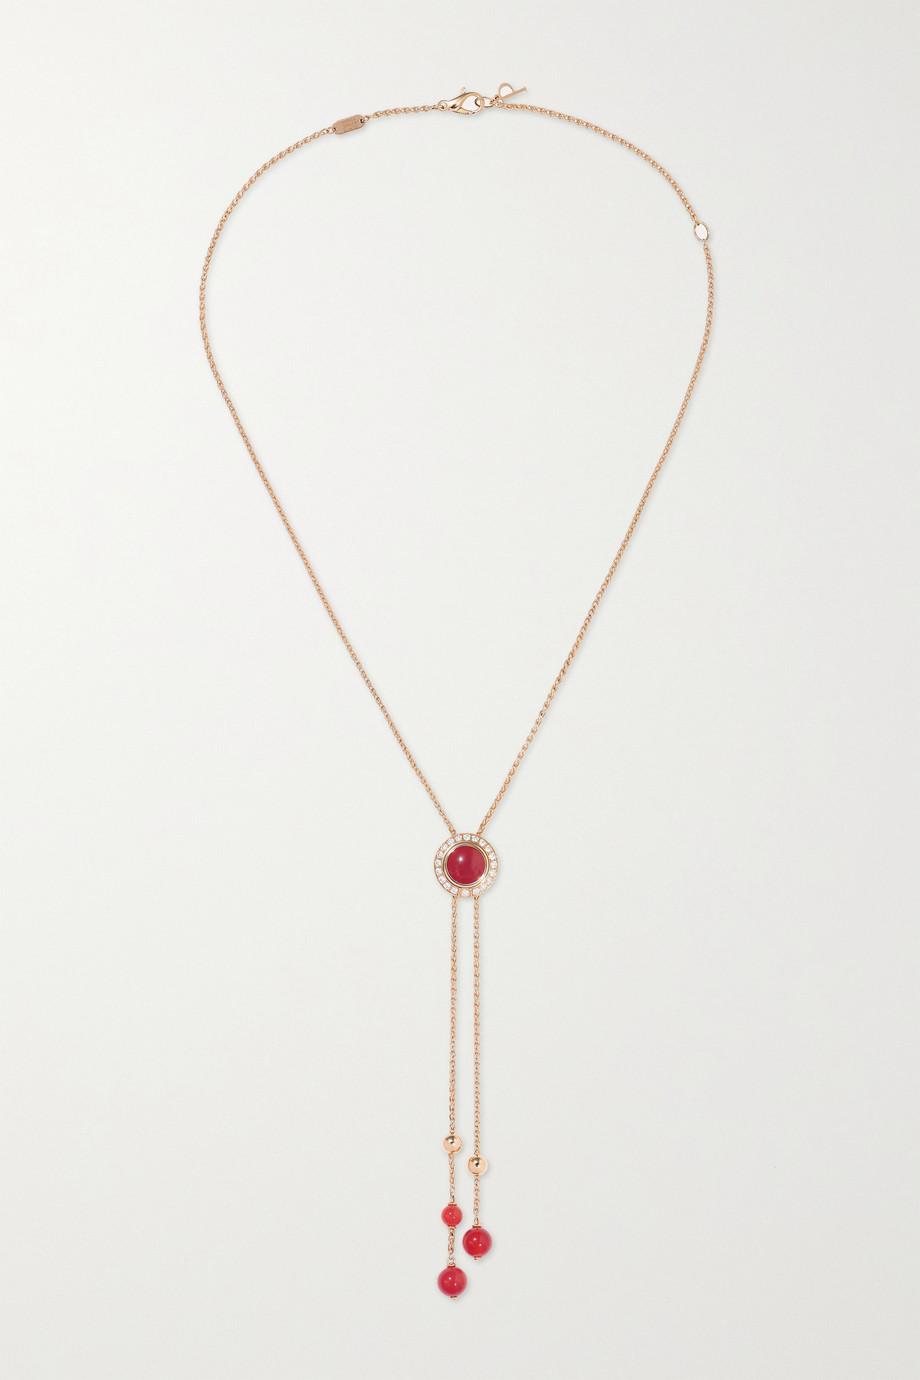 Piaget Collier en or rose 18 carats, cornalines et diamants Possession